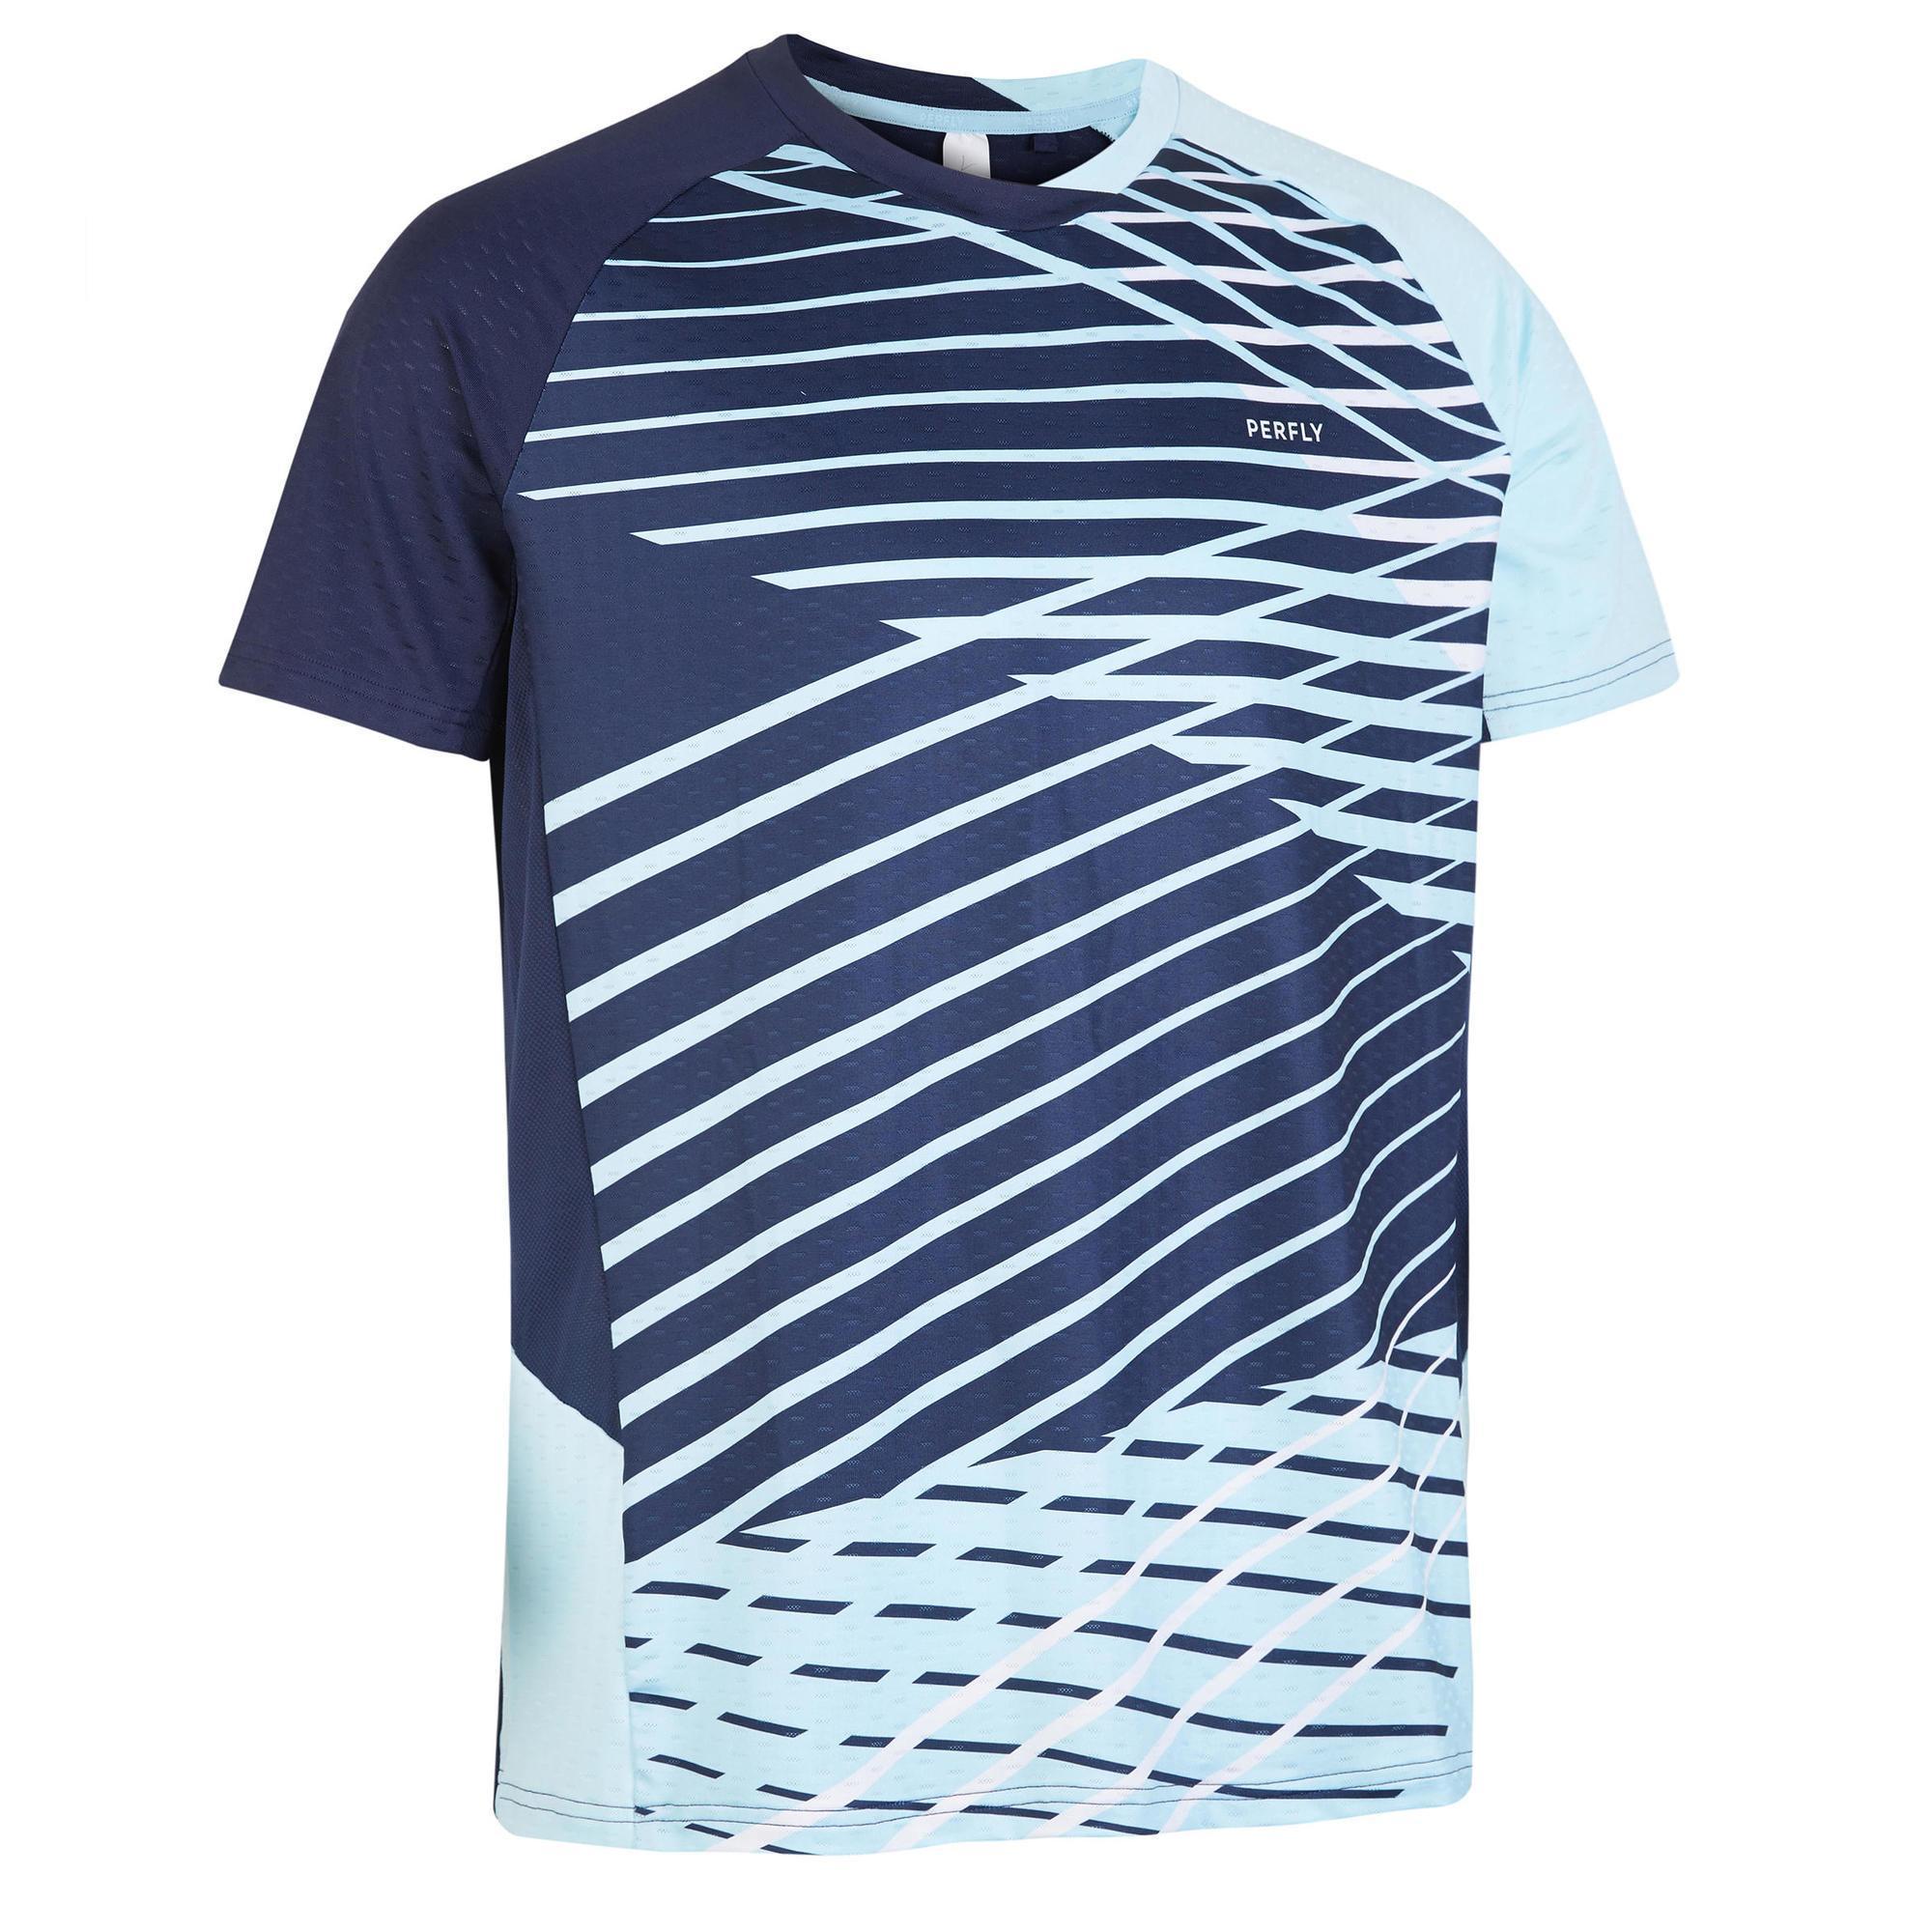 Perfly T-shirt voor heren 560 marineblauw